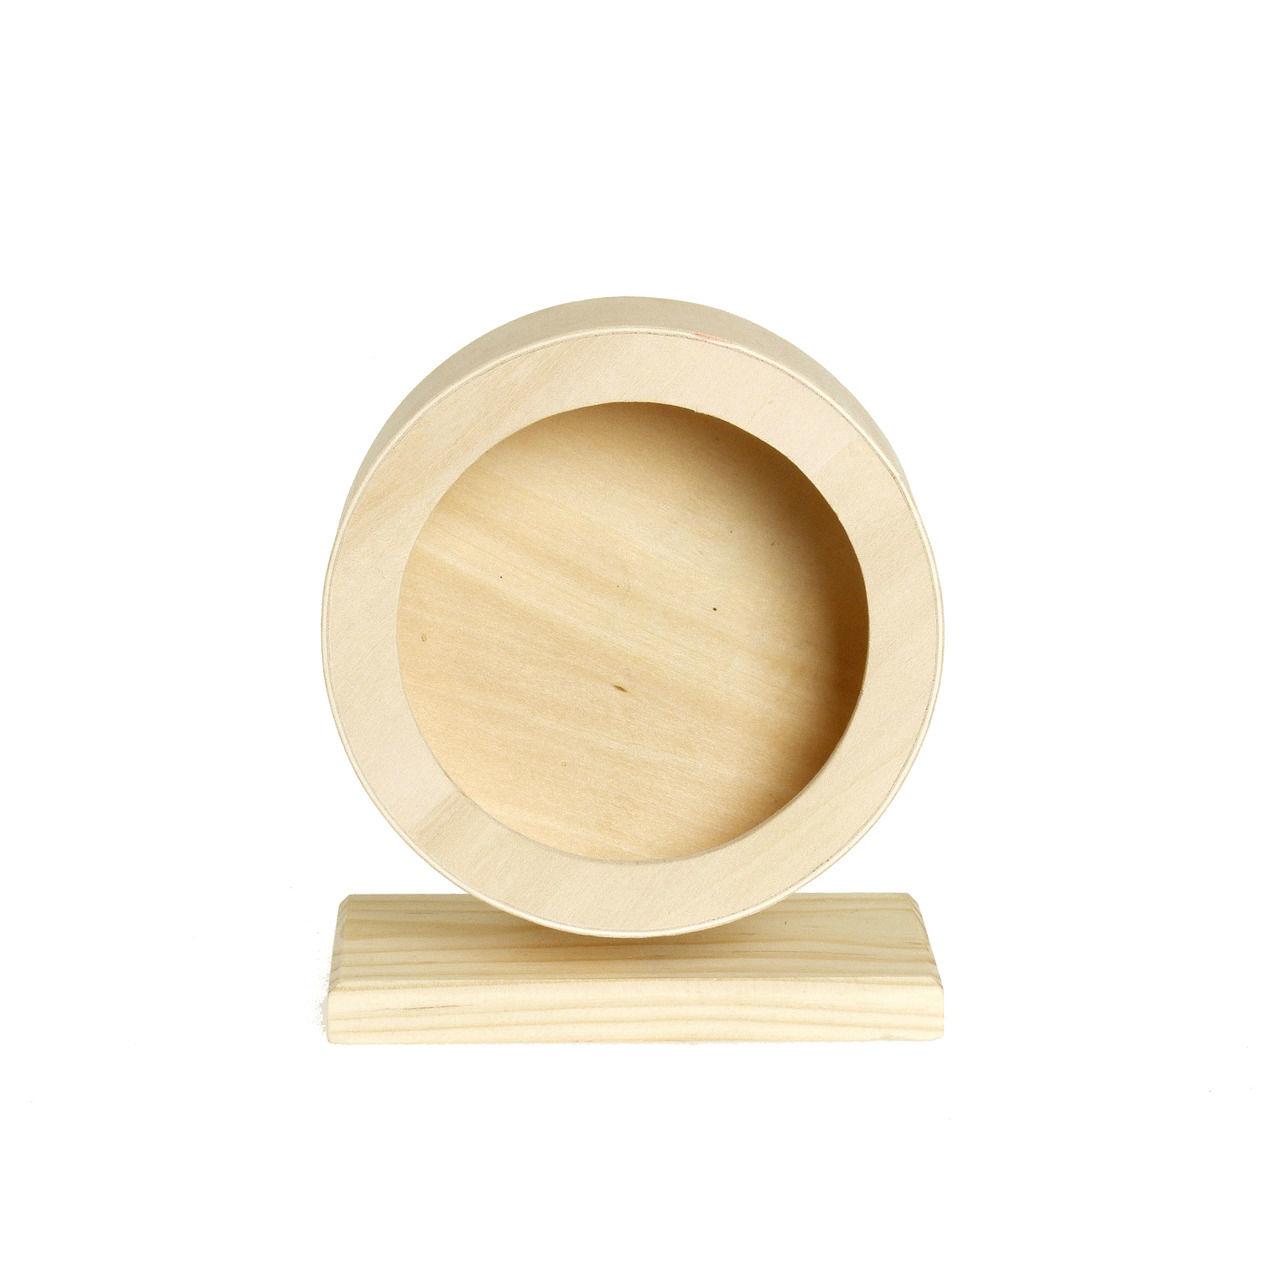 Karlie Wonderland Bogie Wheel Hamster Laufrad aus Holz, Bild 2